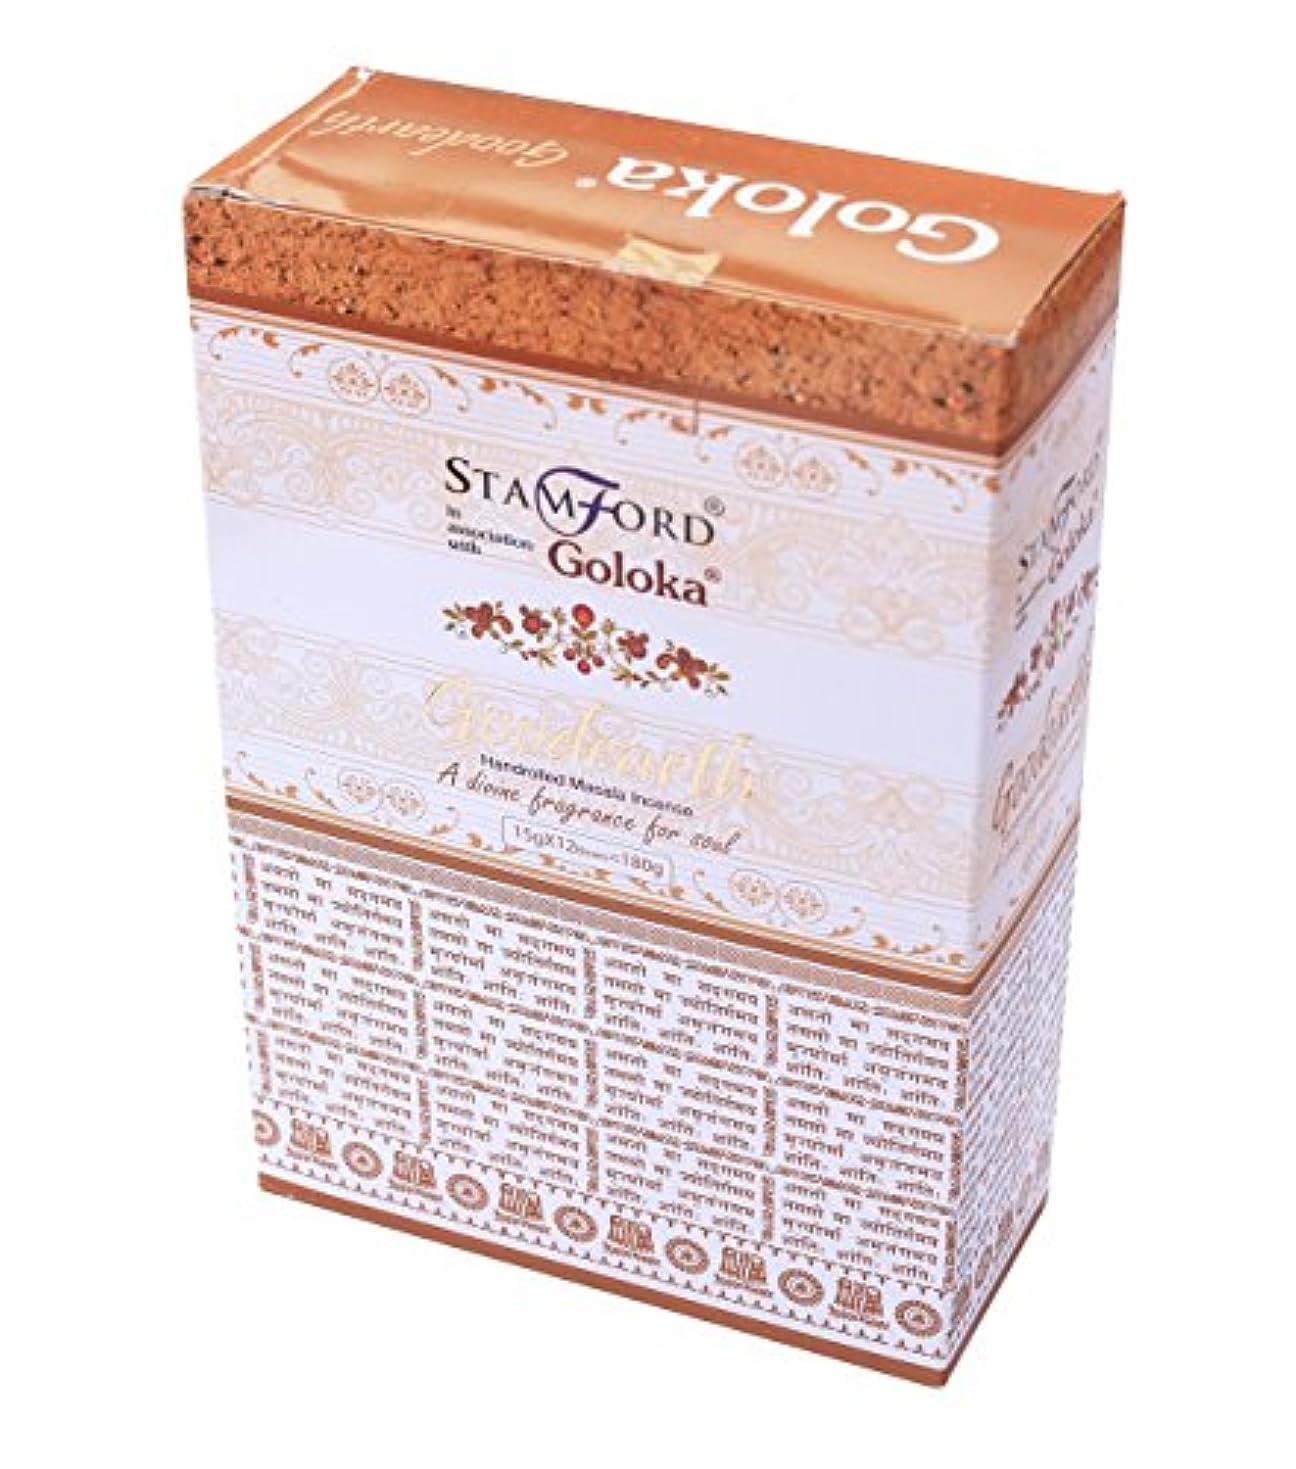 絶滅させるおなじみの呼ぶ(Box of 12 Packs) - Goloka Goodearth Incense, 15 Gms x 12 Packs